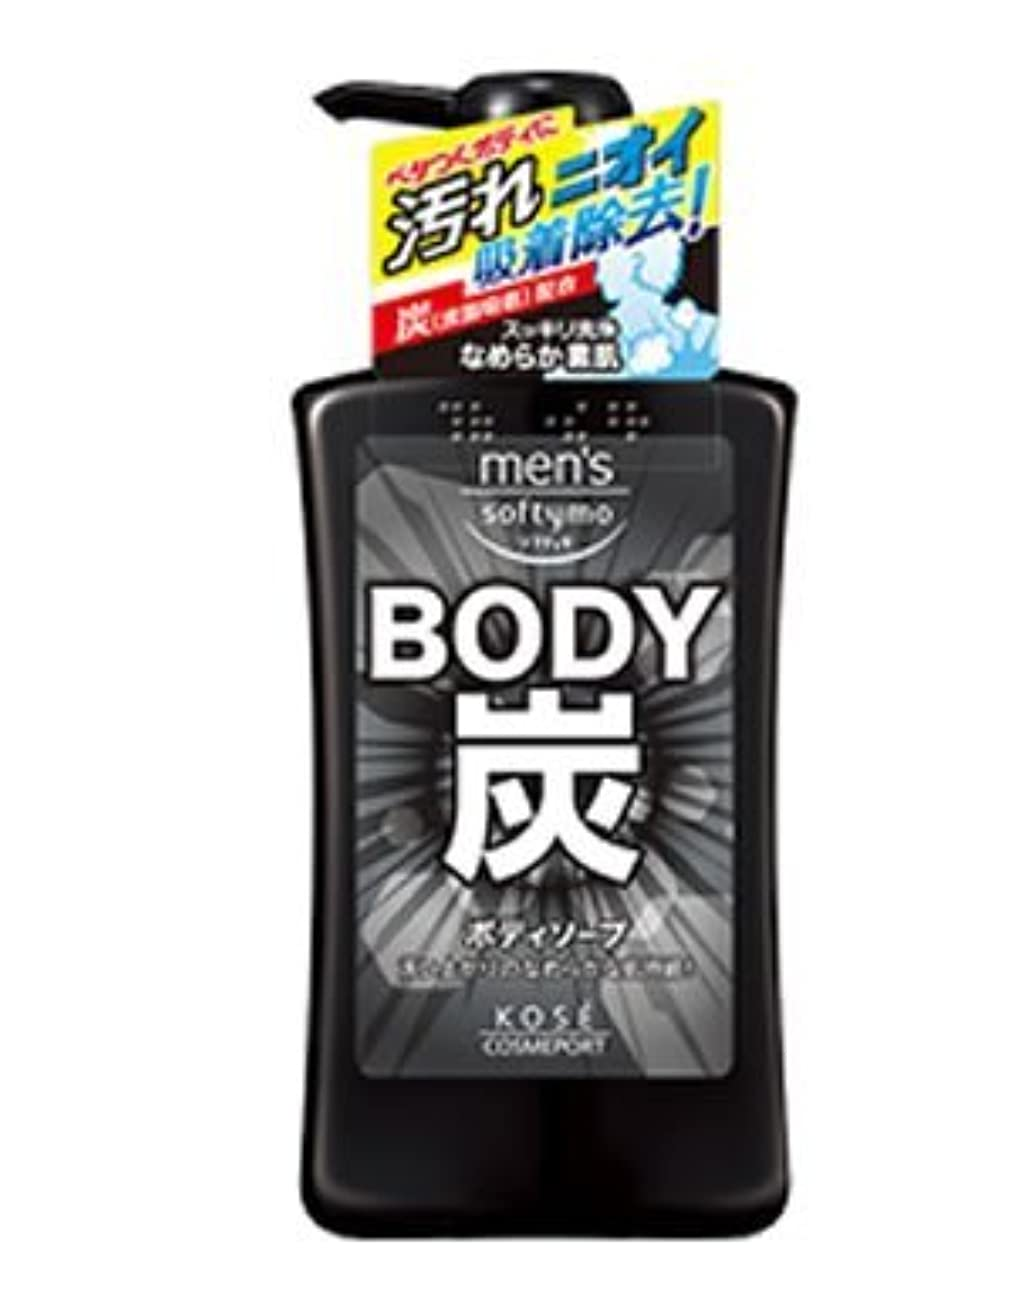 退屈な切り下げヘルパーコーセー(KOSE)メンズソフティモ ボディソープ(炭)シトラスミントの香り 550ml(お買い得3個セット)